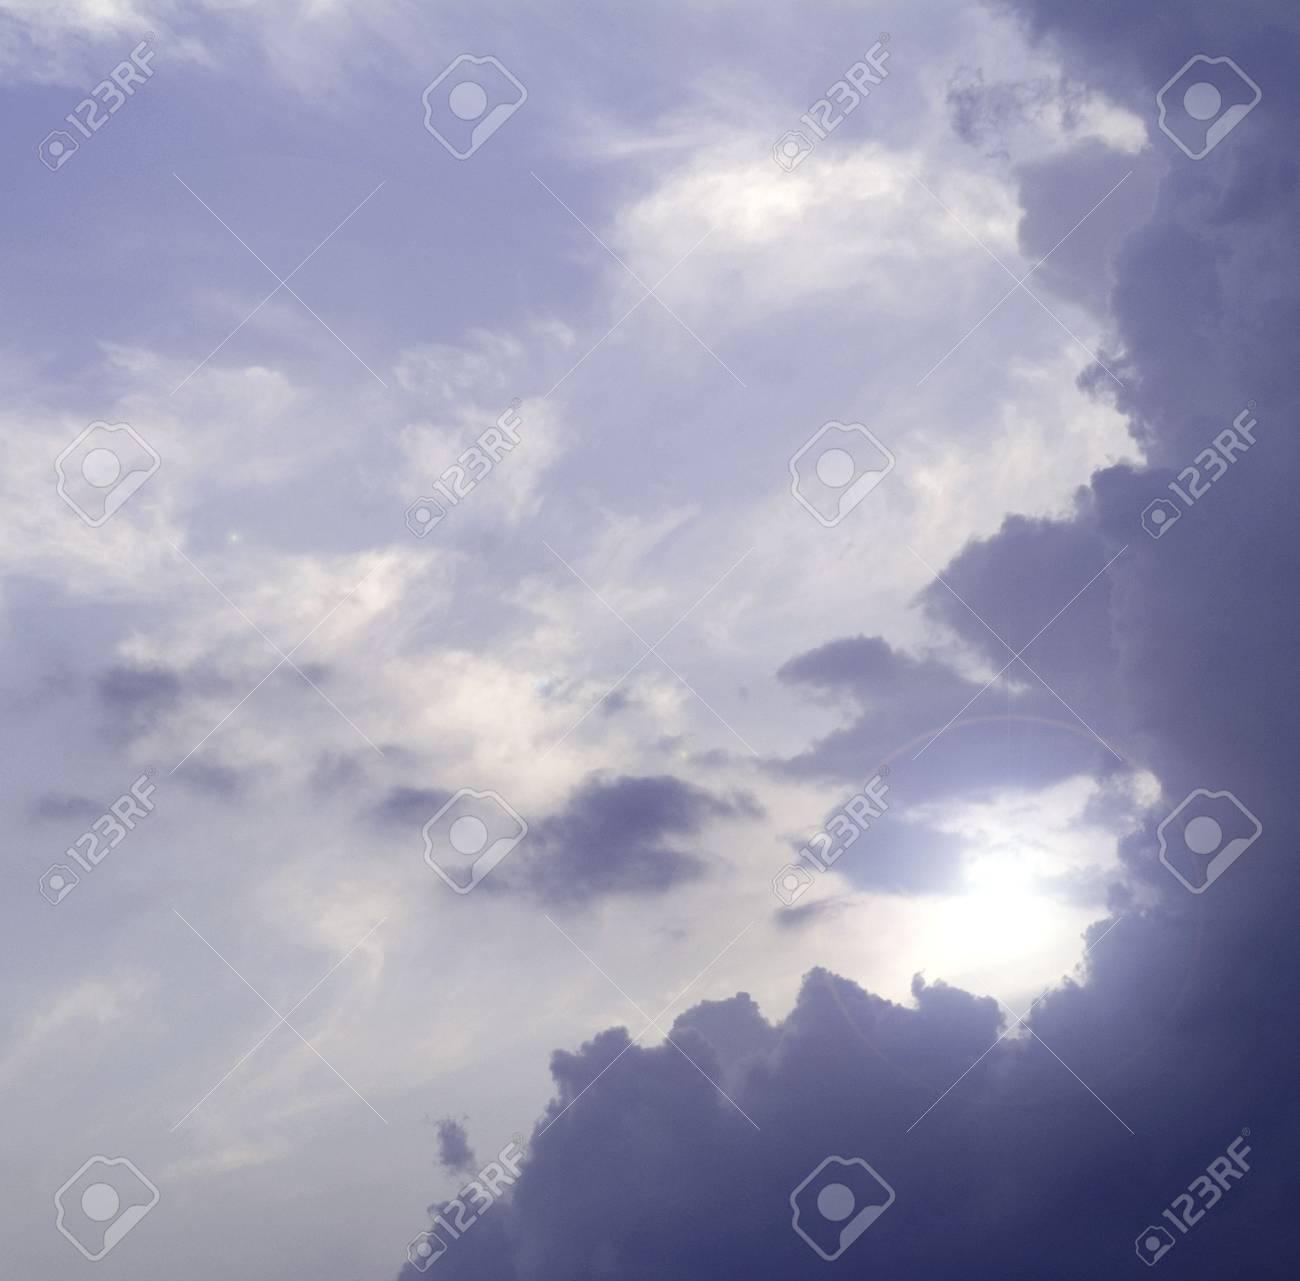 sunrays striking through a cloudy sky Stock Photo - 5114510